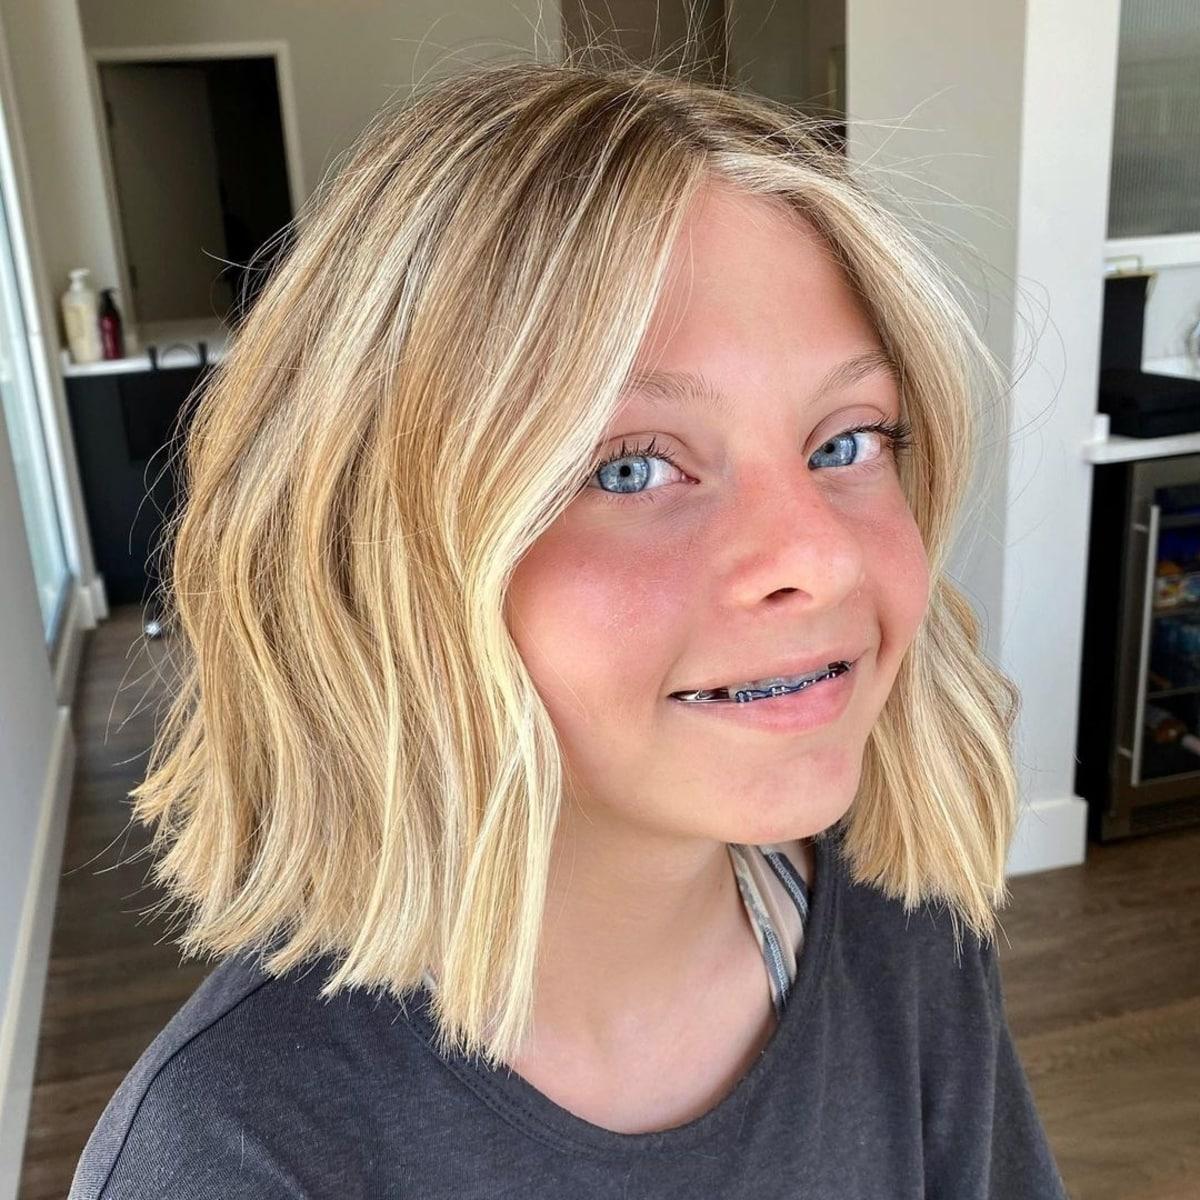 Coiffure de cheveux courts pour les filles